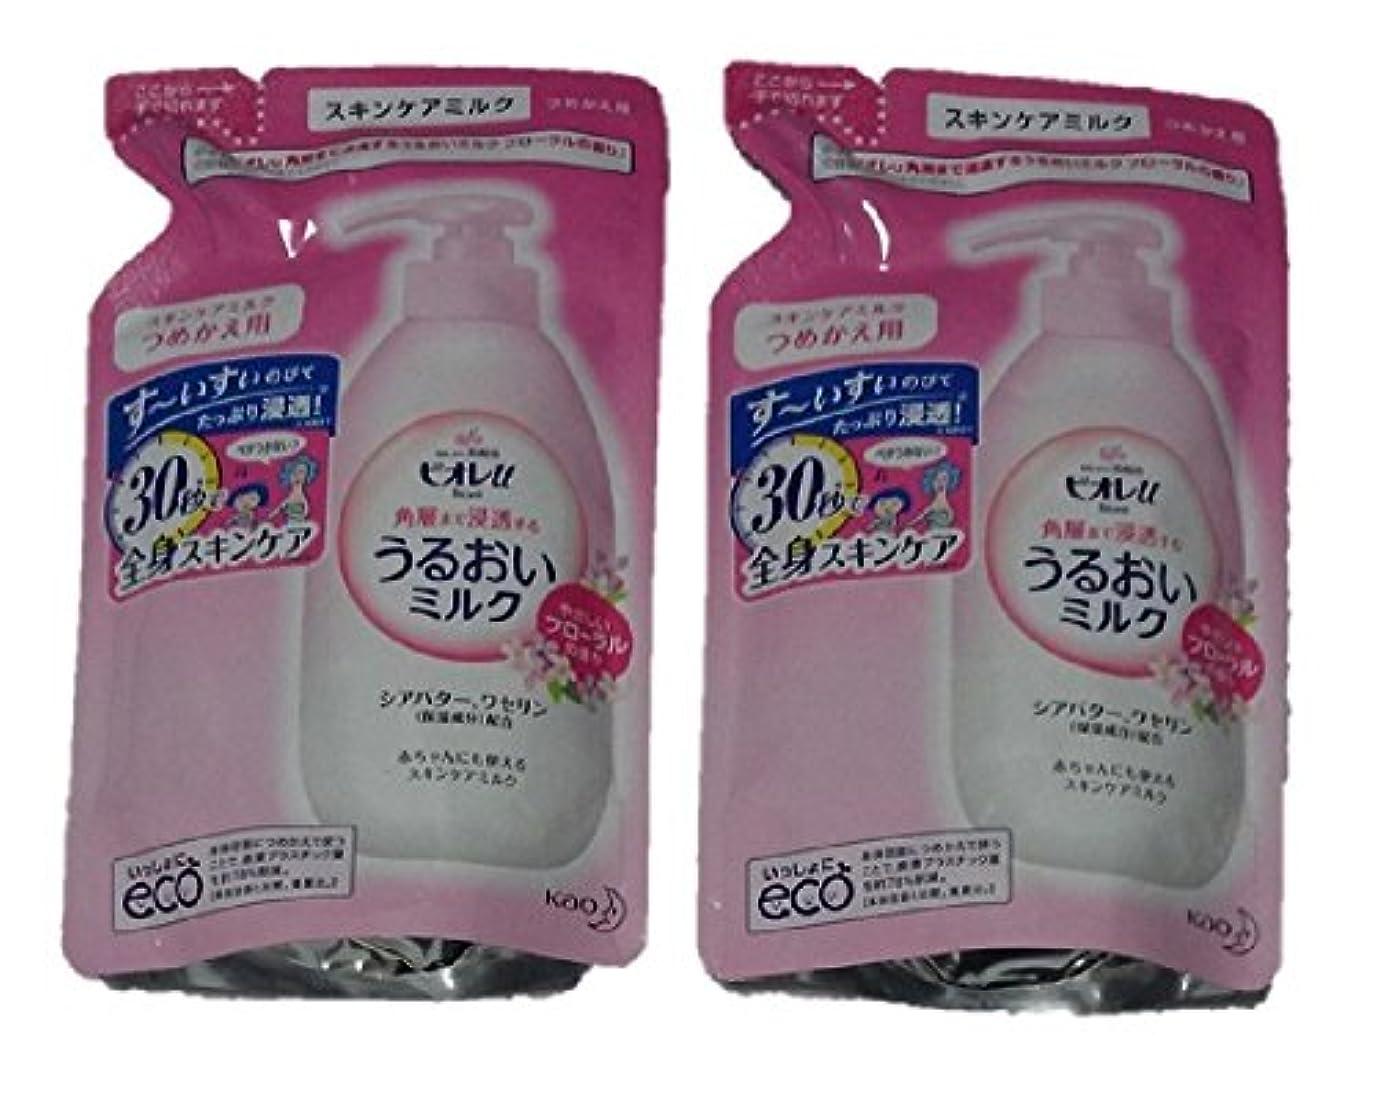 選挙差し引くバンドル【2袋セット】 ビオレU うるおいミルク フローラルの香り つめかえ用